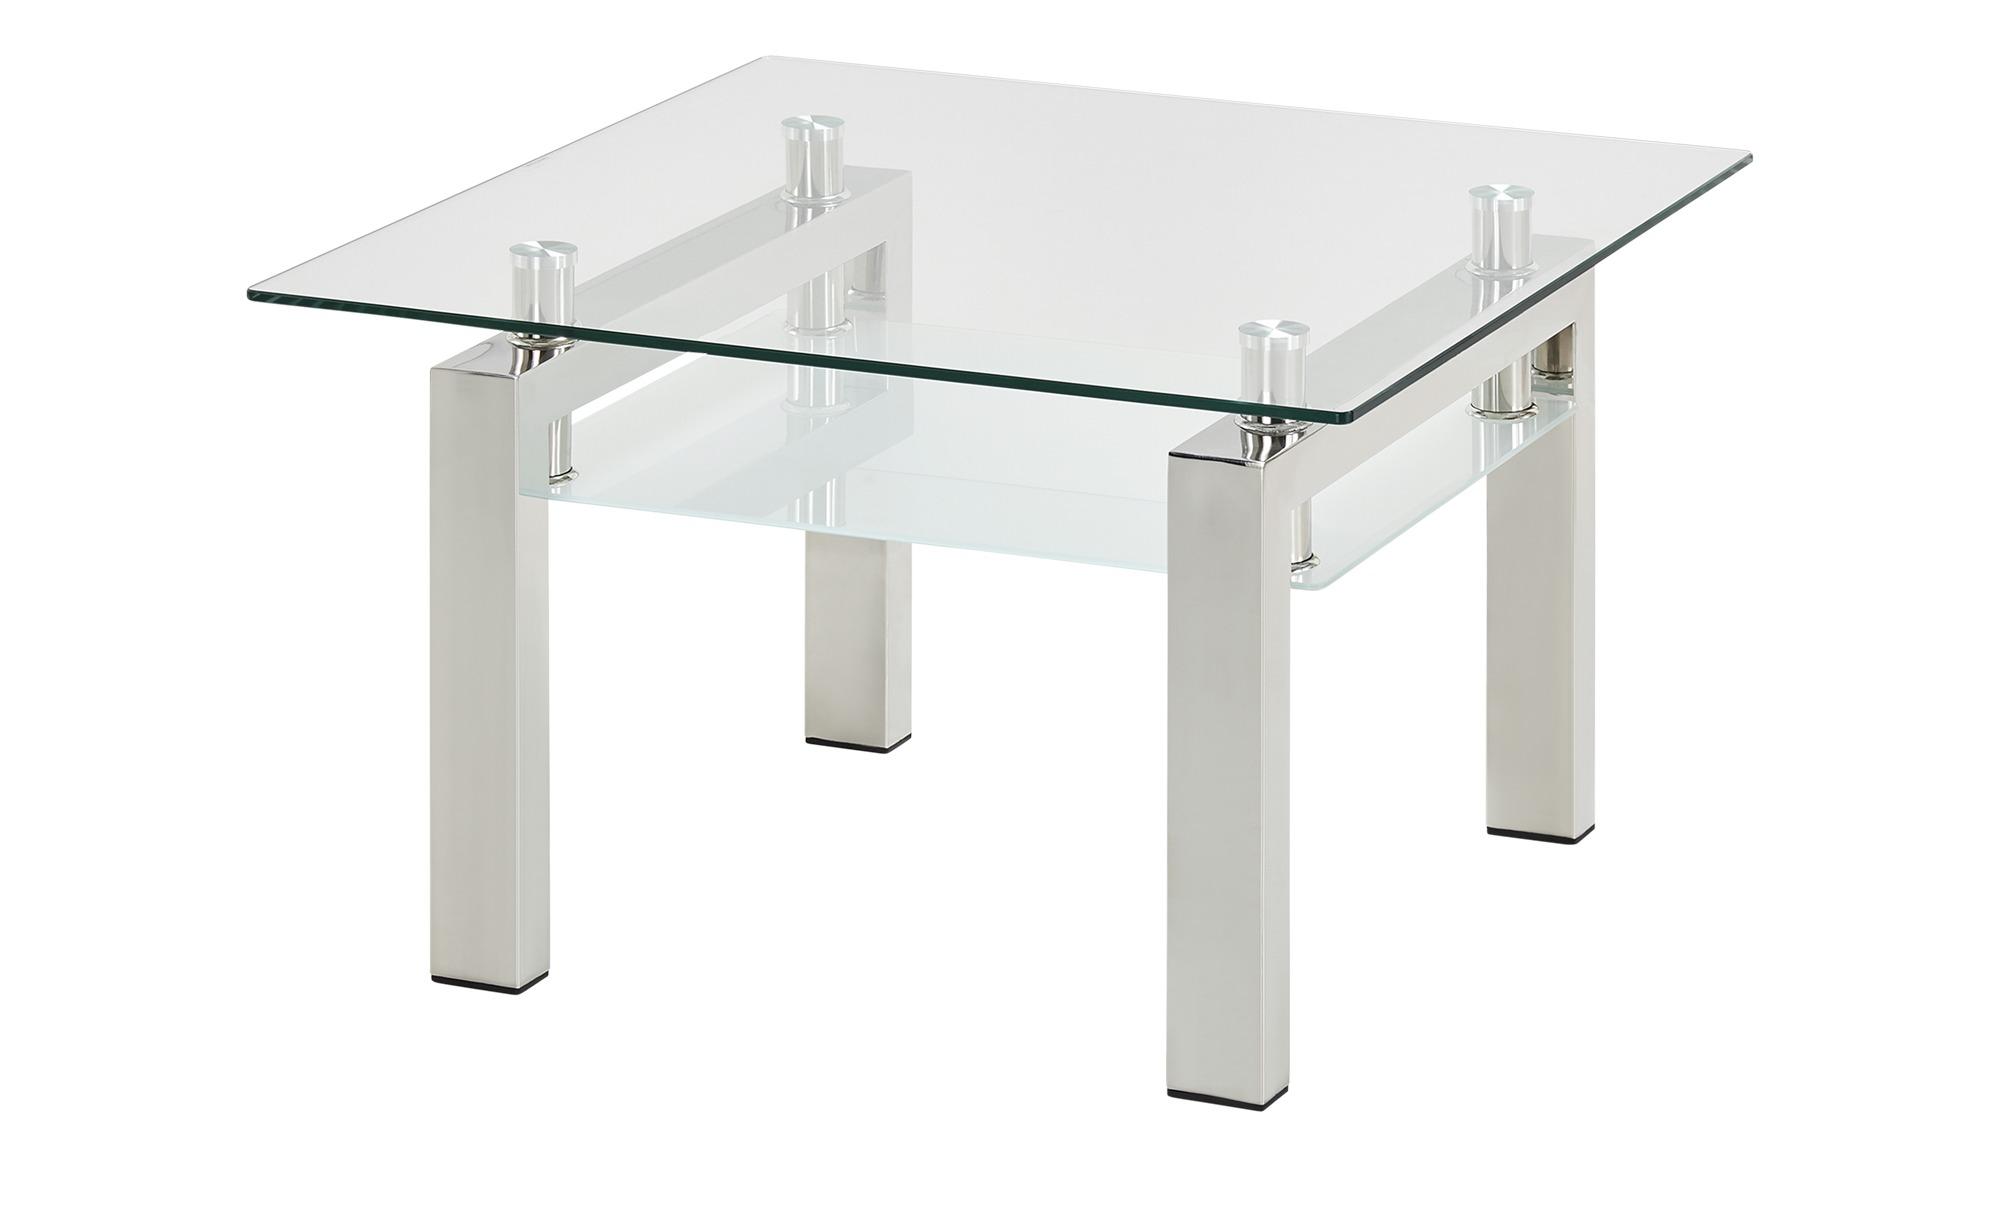 Couchtisch  Beno II ¦ transparent/klar ¦ Maße (cm): B: 70 H: 44 T: 70 Tische > Couchtische > Couchtische andere Formen - Höffner